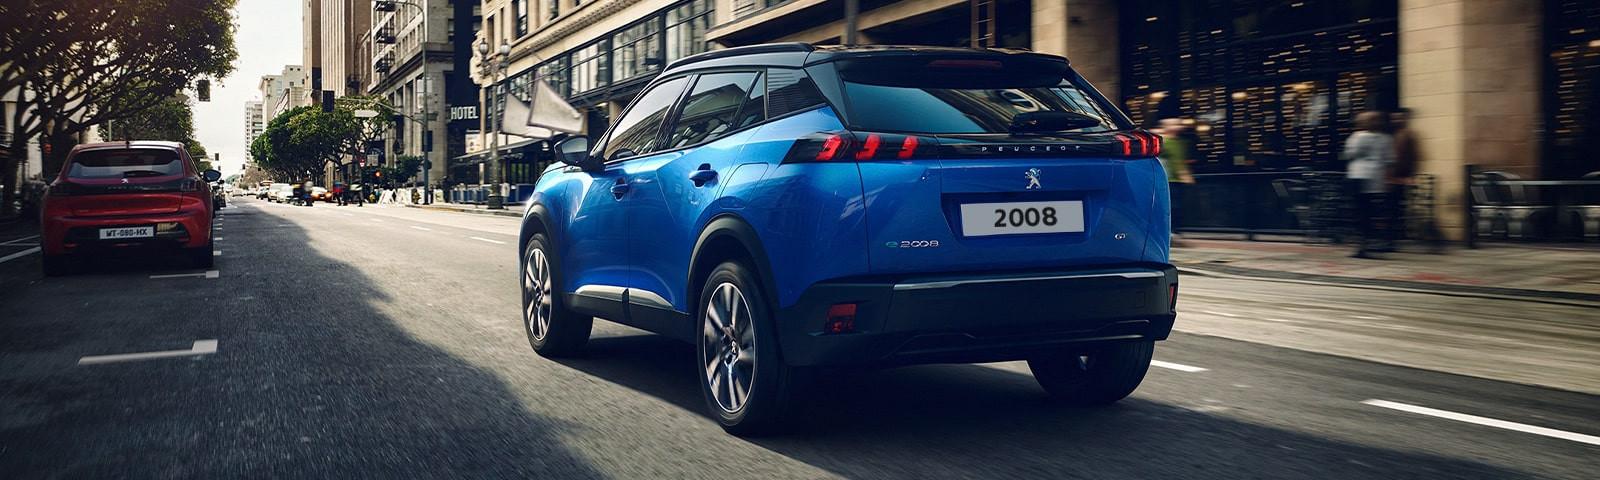 Nuevo SUV Peugeot 2008, electrificación hecha realidad